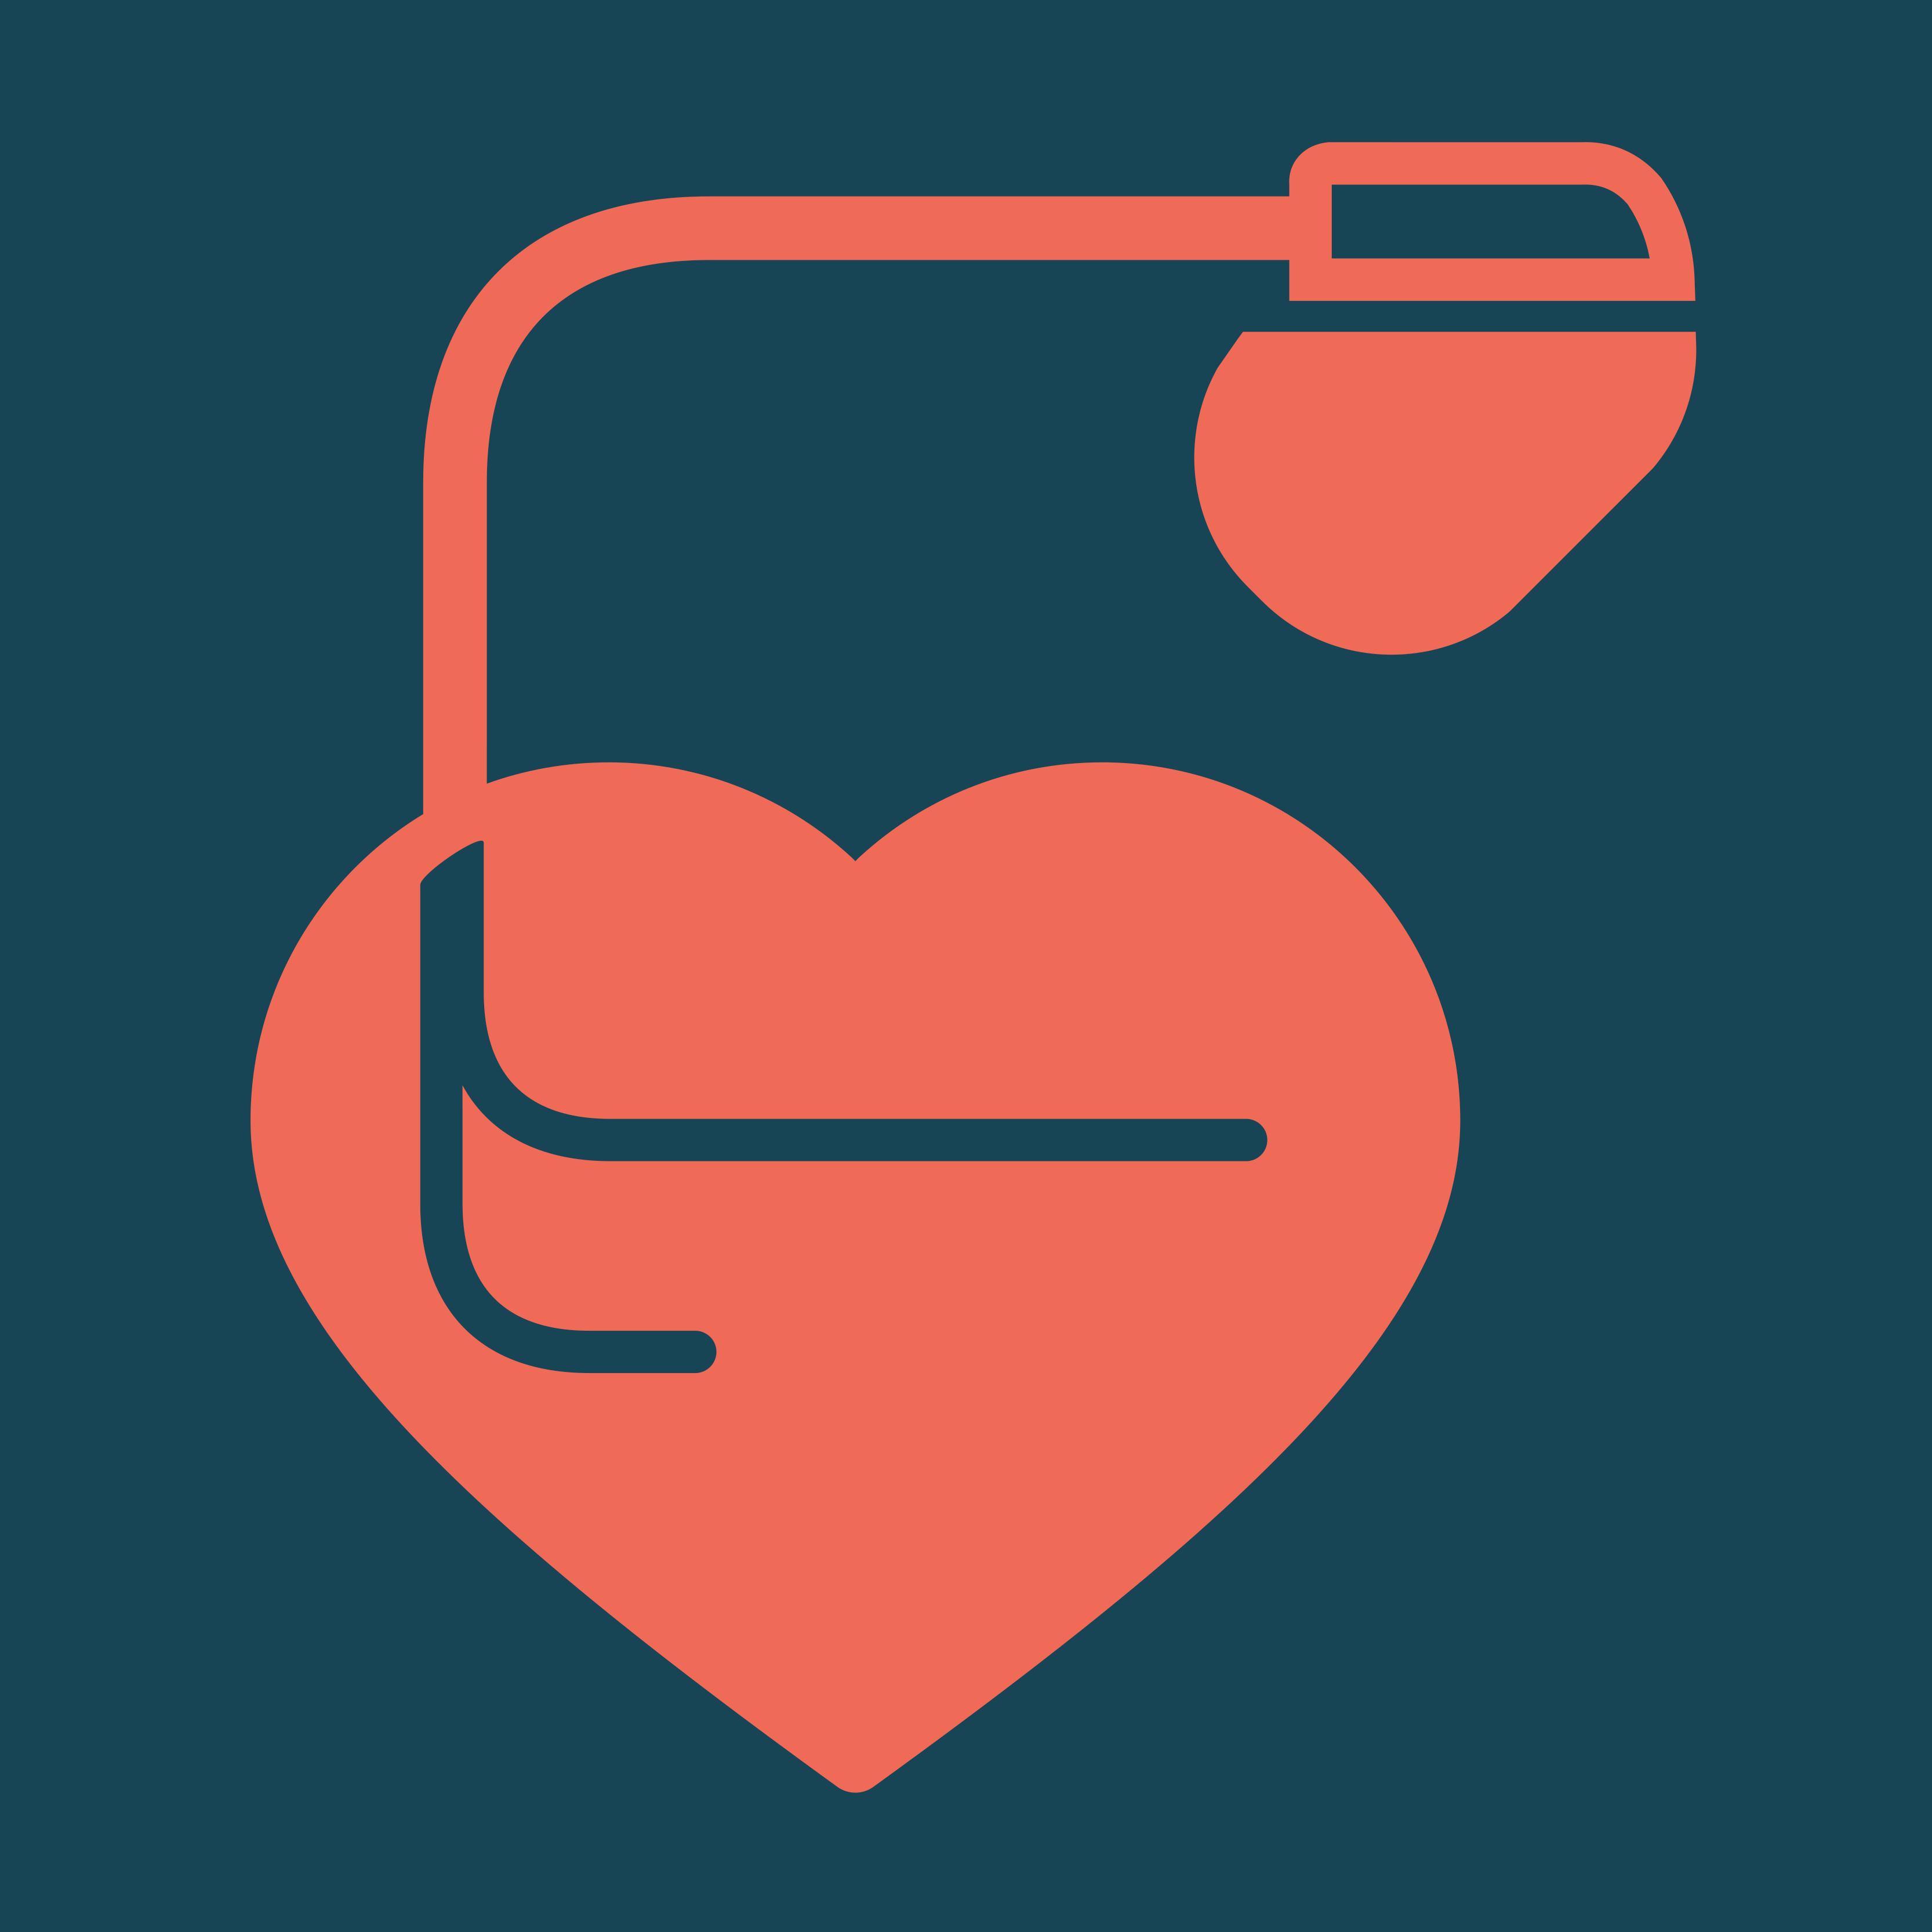 Marcapasos cardíaco arritmiasonline